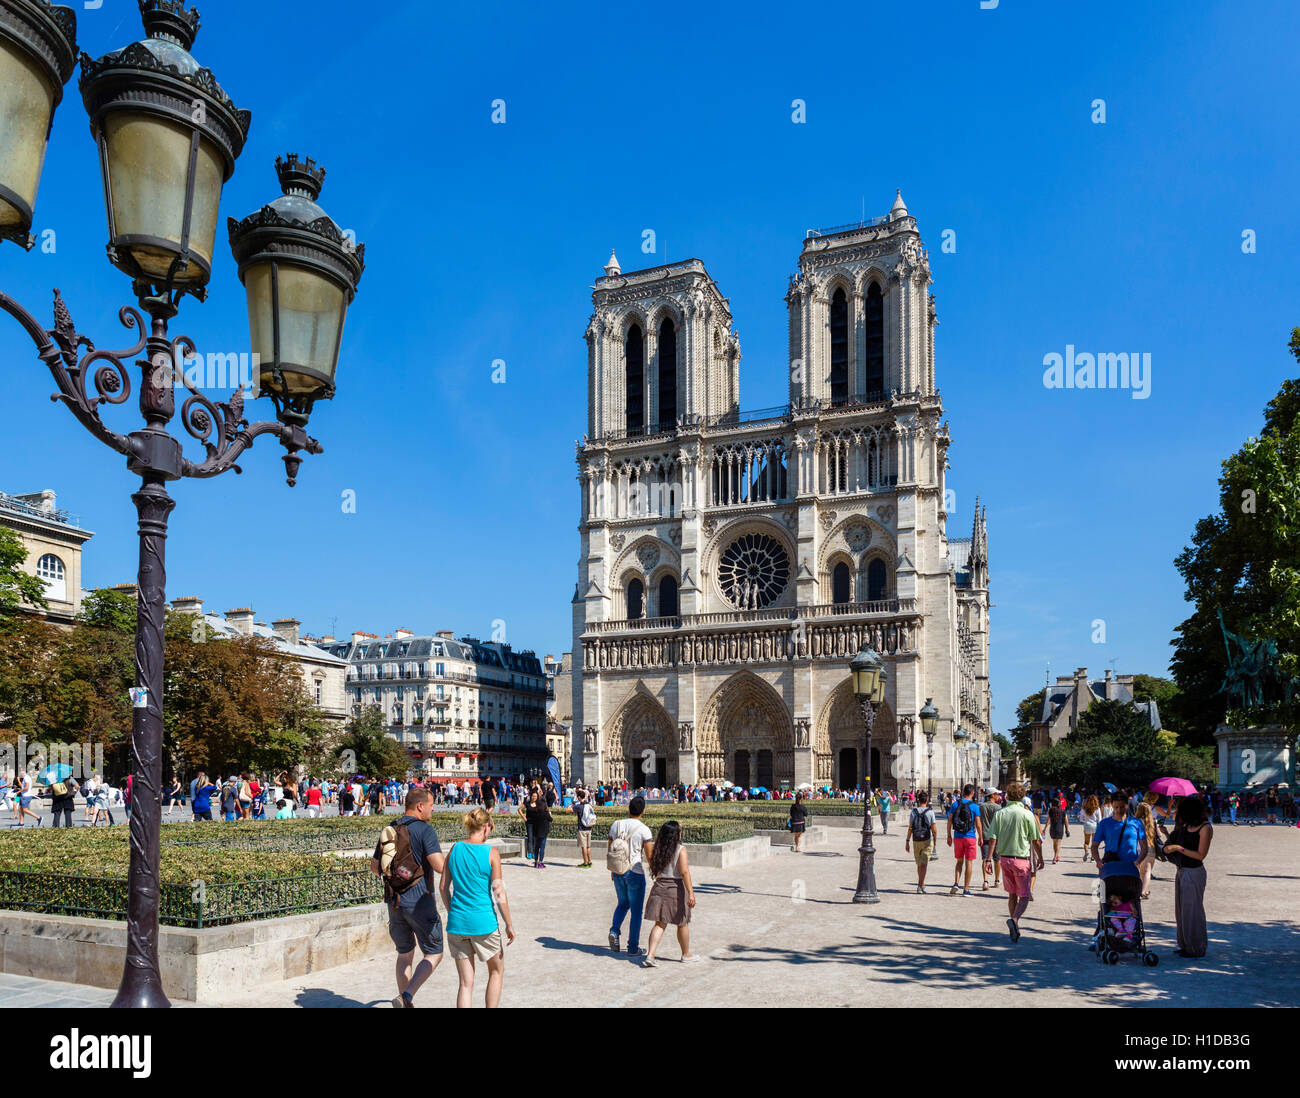 Notre-Dame, Paris. Westen vor der Kathedrale Notre-Dame (Notre-Dame de Paris), Île De La Cité, Paris, Frankreich Stockfoto